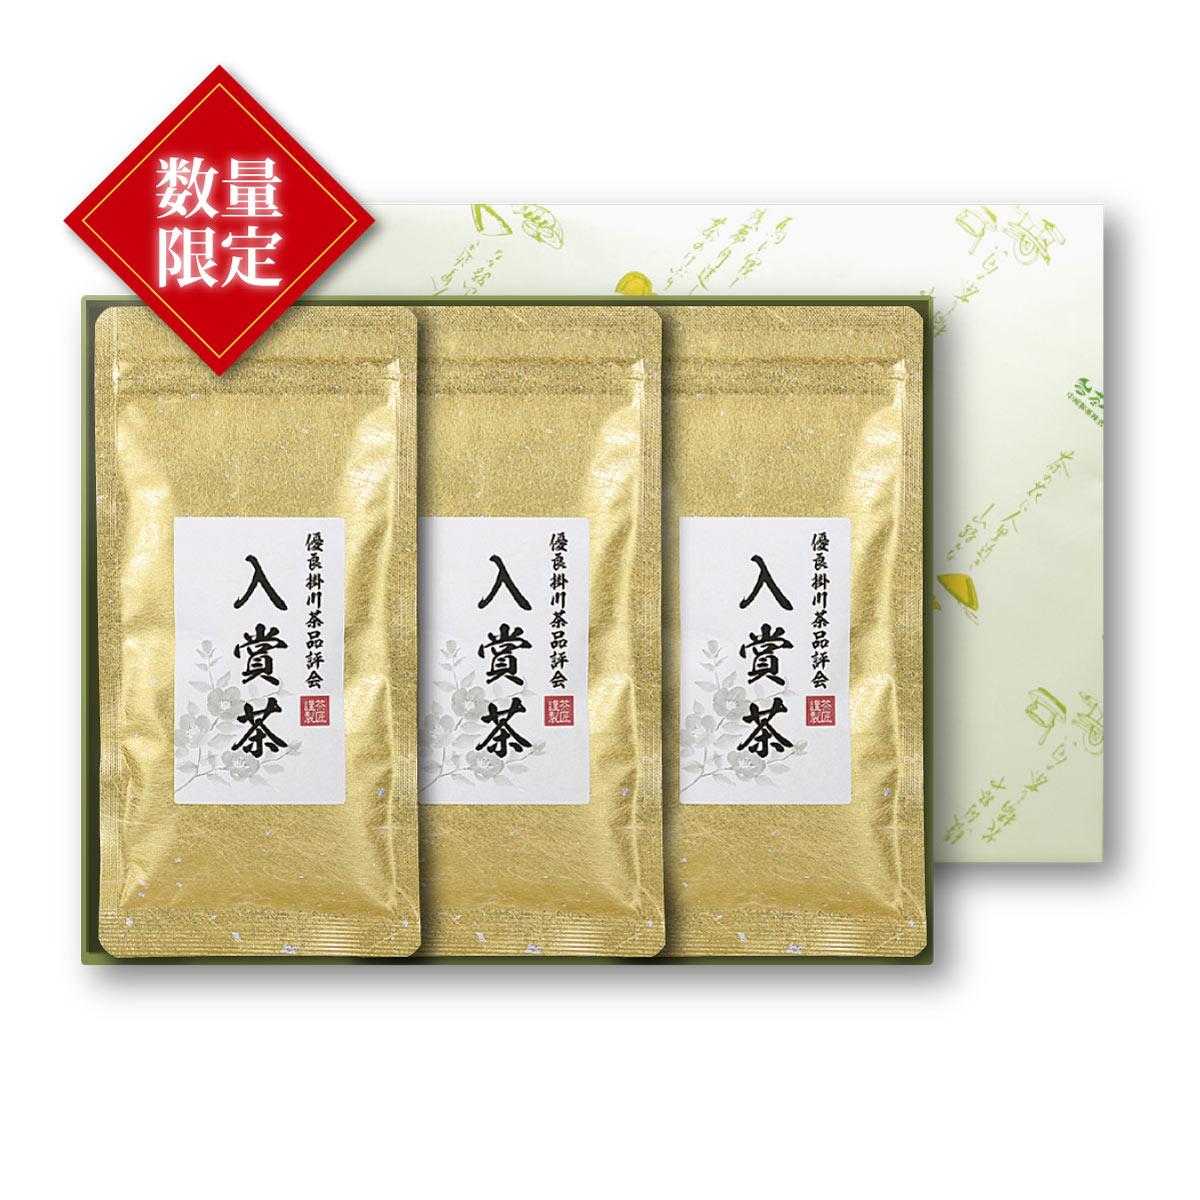 【数量限定】<深蒸し掛川茶>「優良掛川茶品評会」入賞茶3本(90g×3袋入)